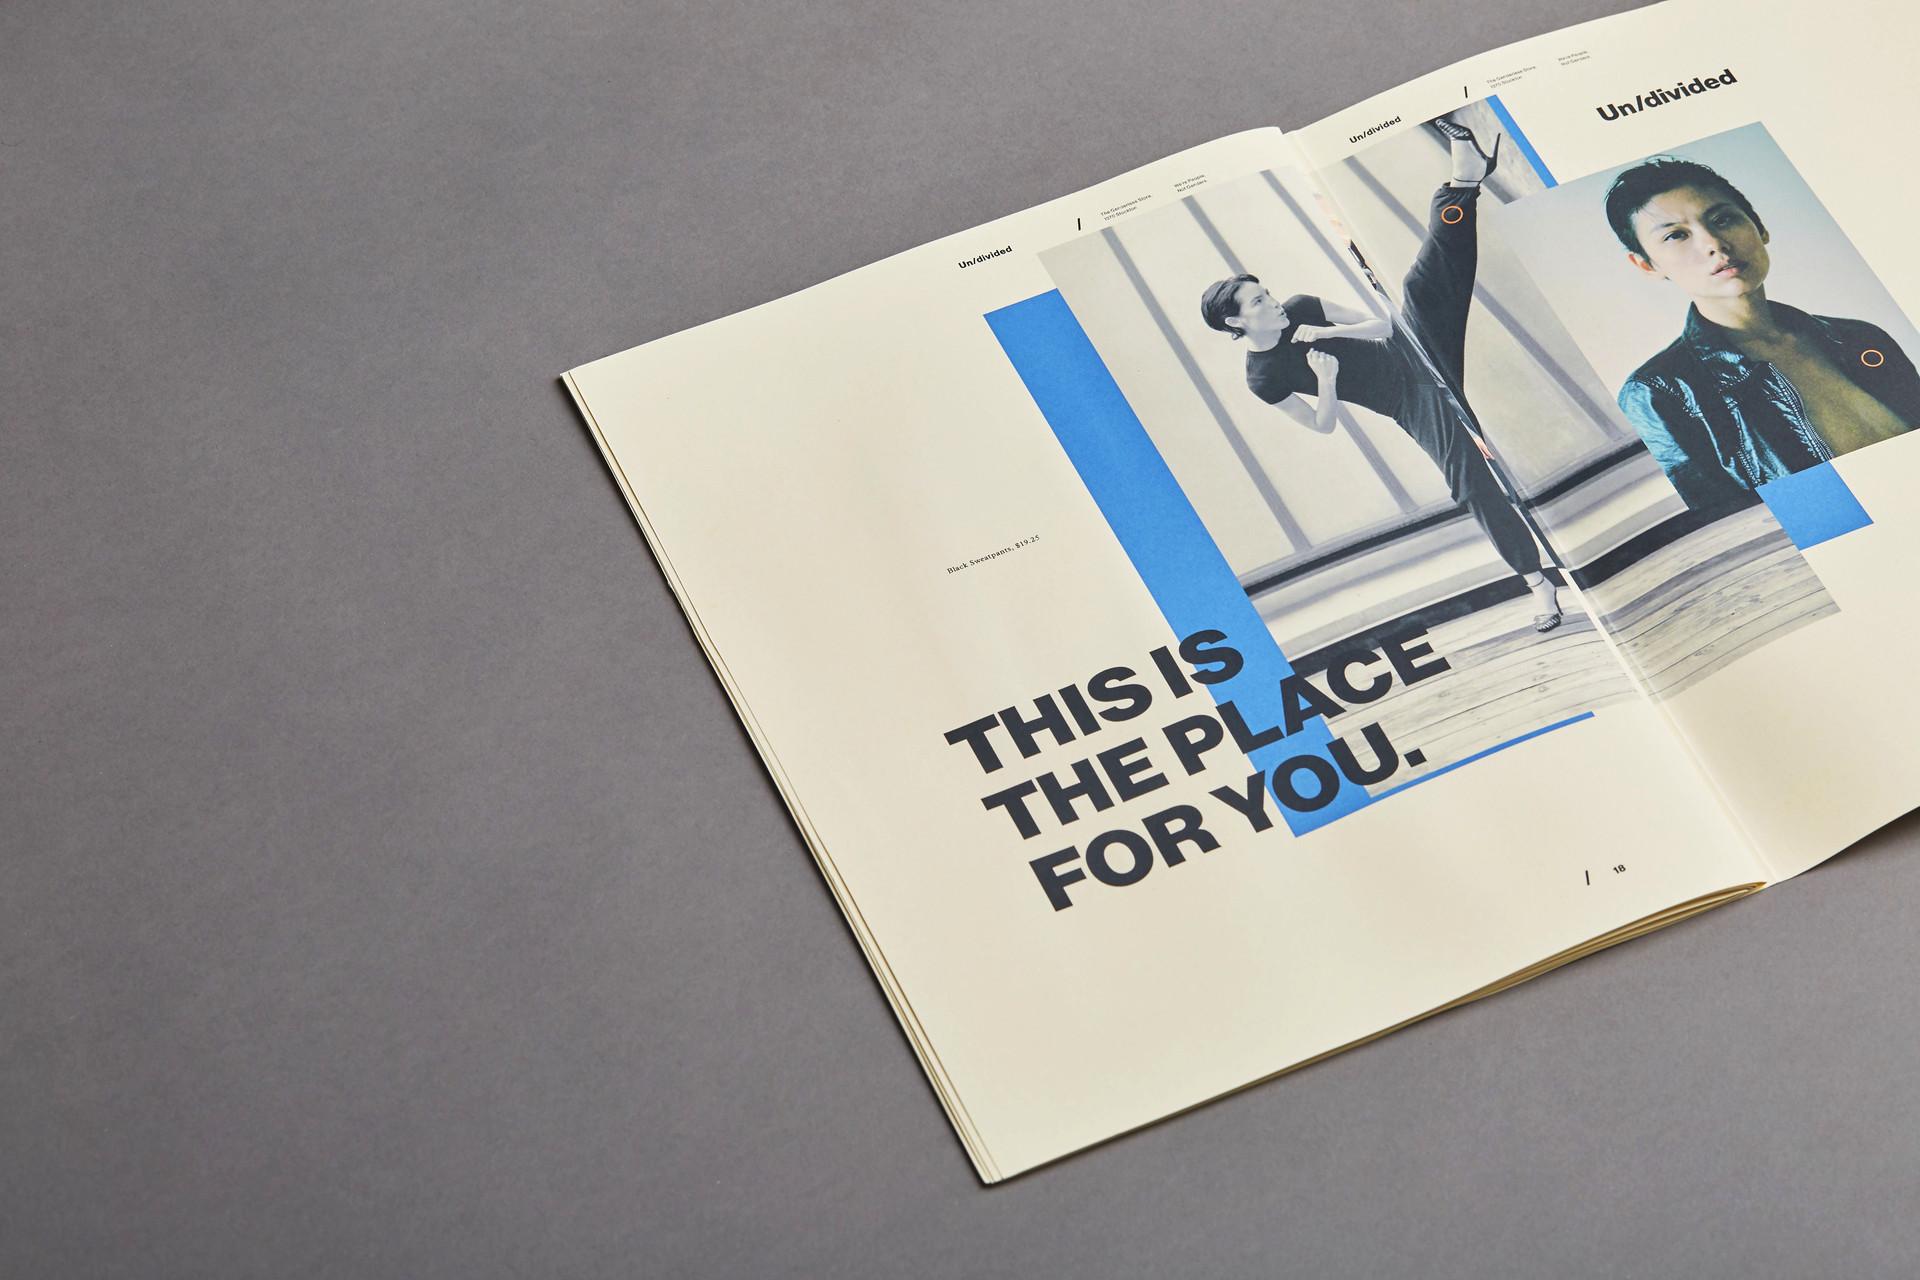 Catalogue Spread 02